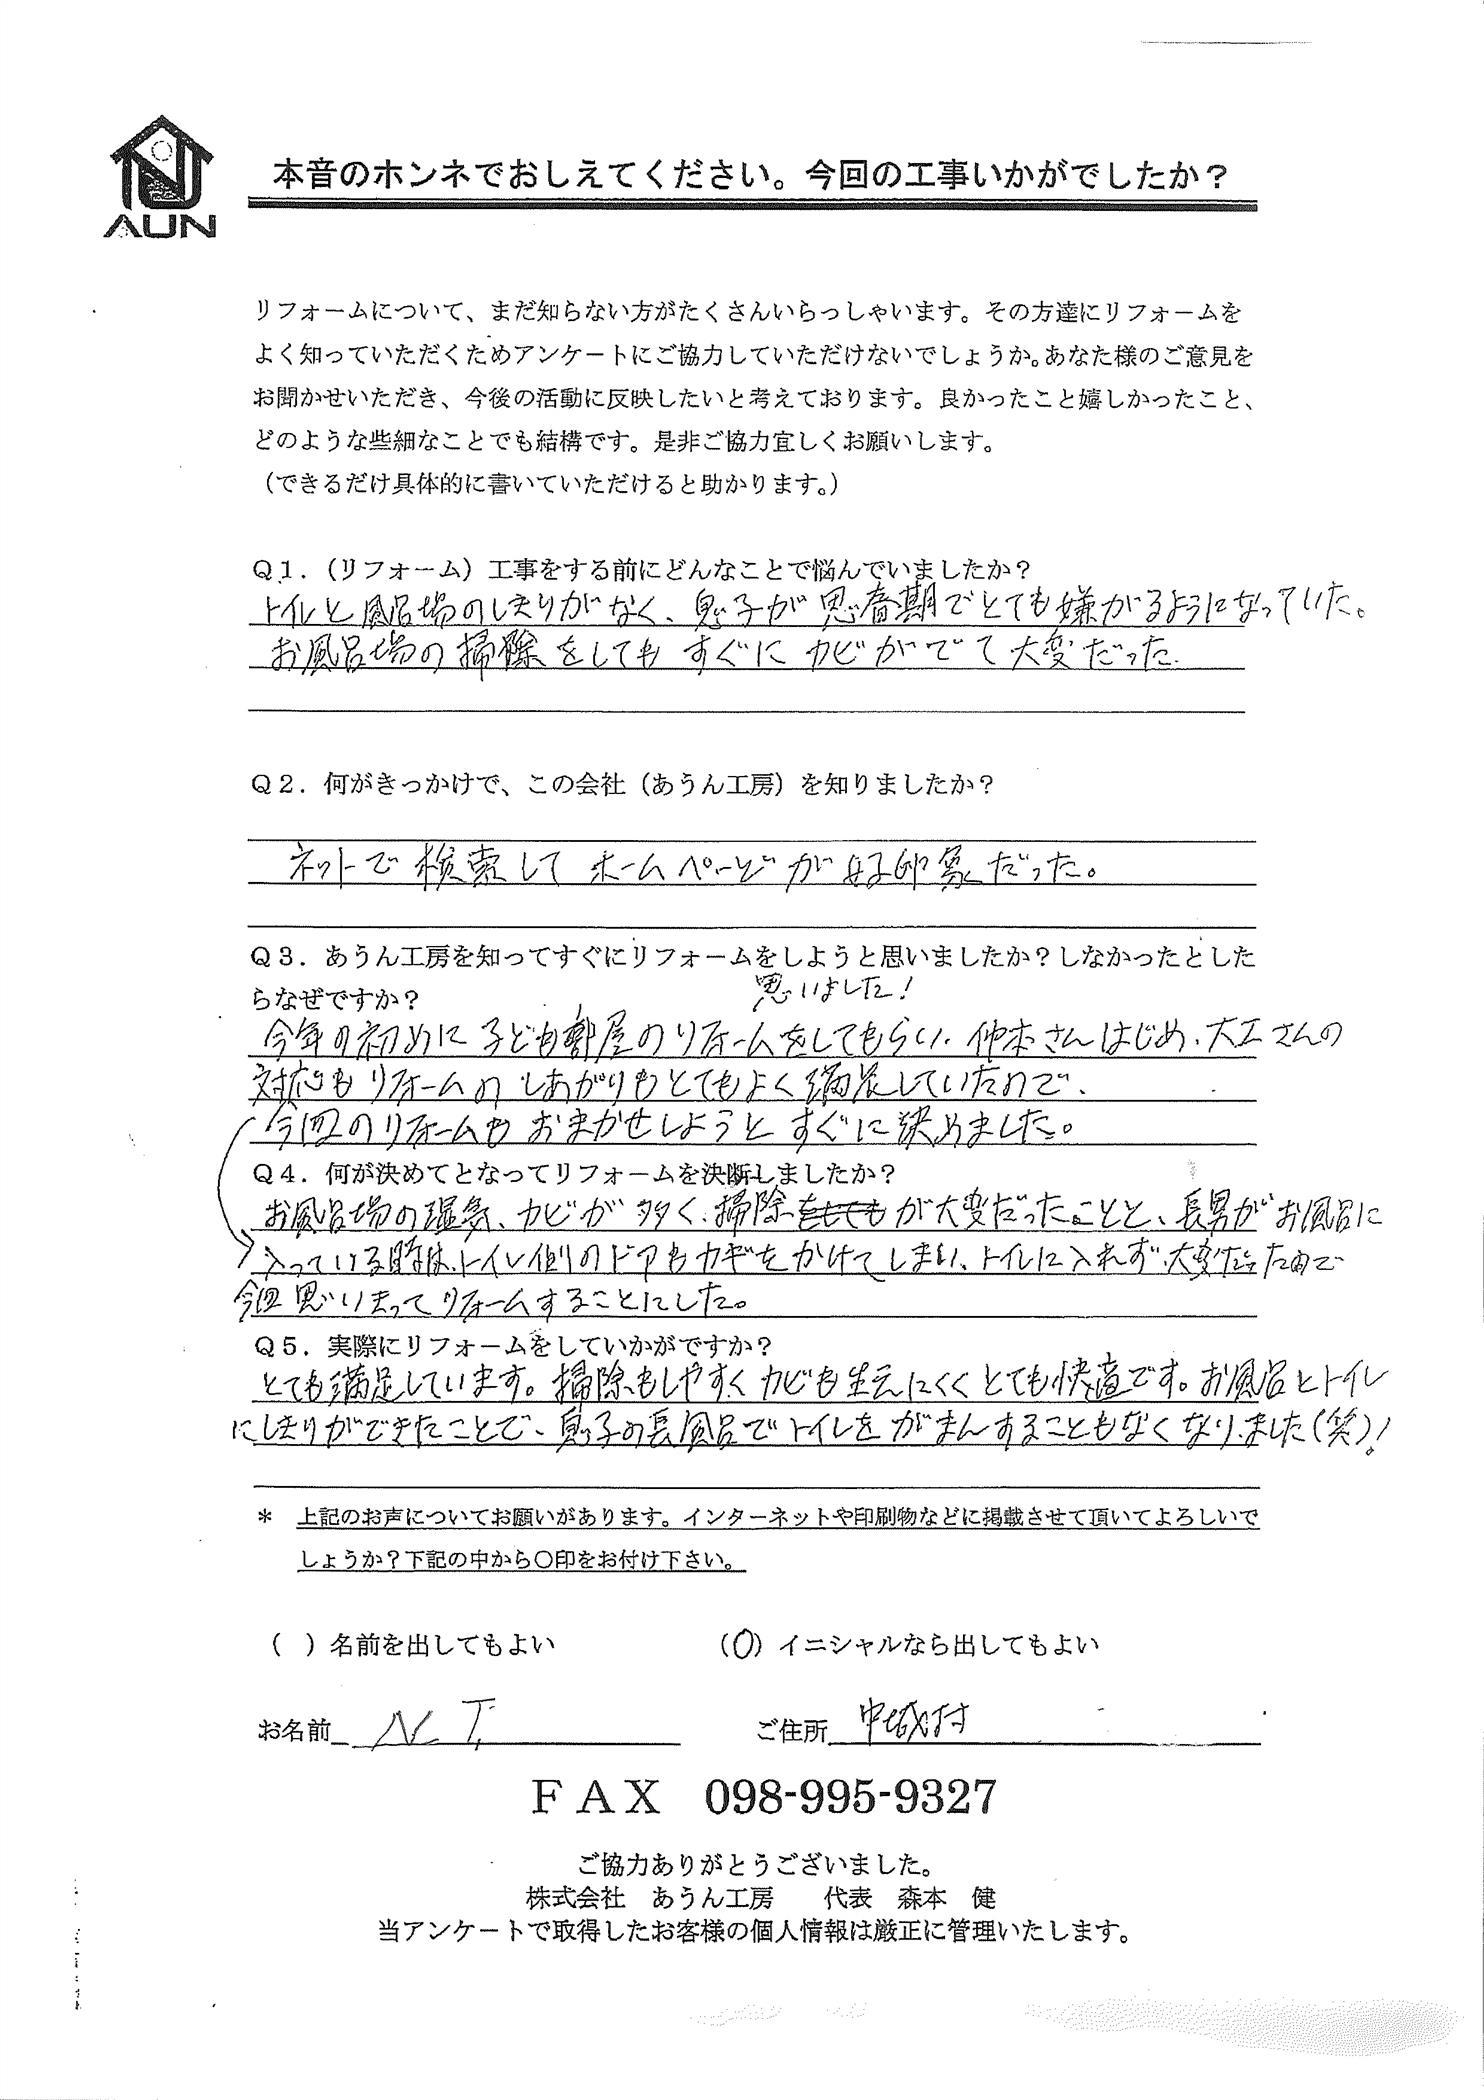 沖縄・那覇のリフォーム 実際のアンケートの画像:浴室改装工事